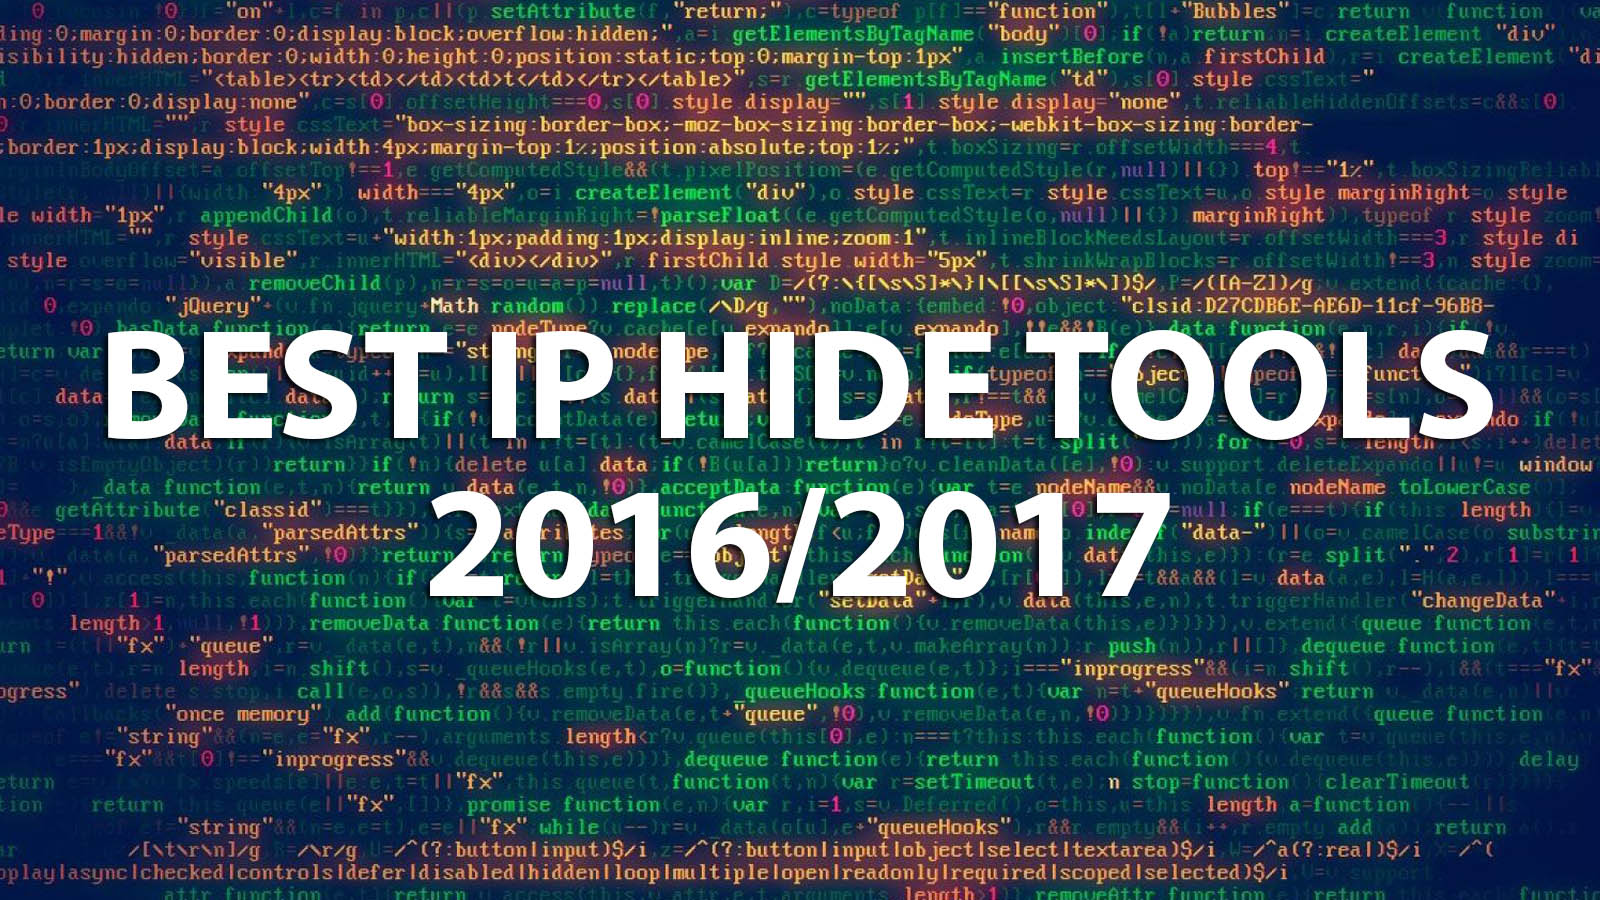 14 Best IP Hide Tools 2016/2017